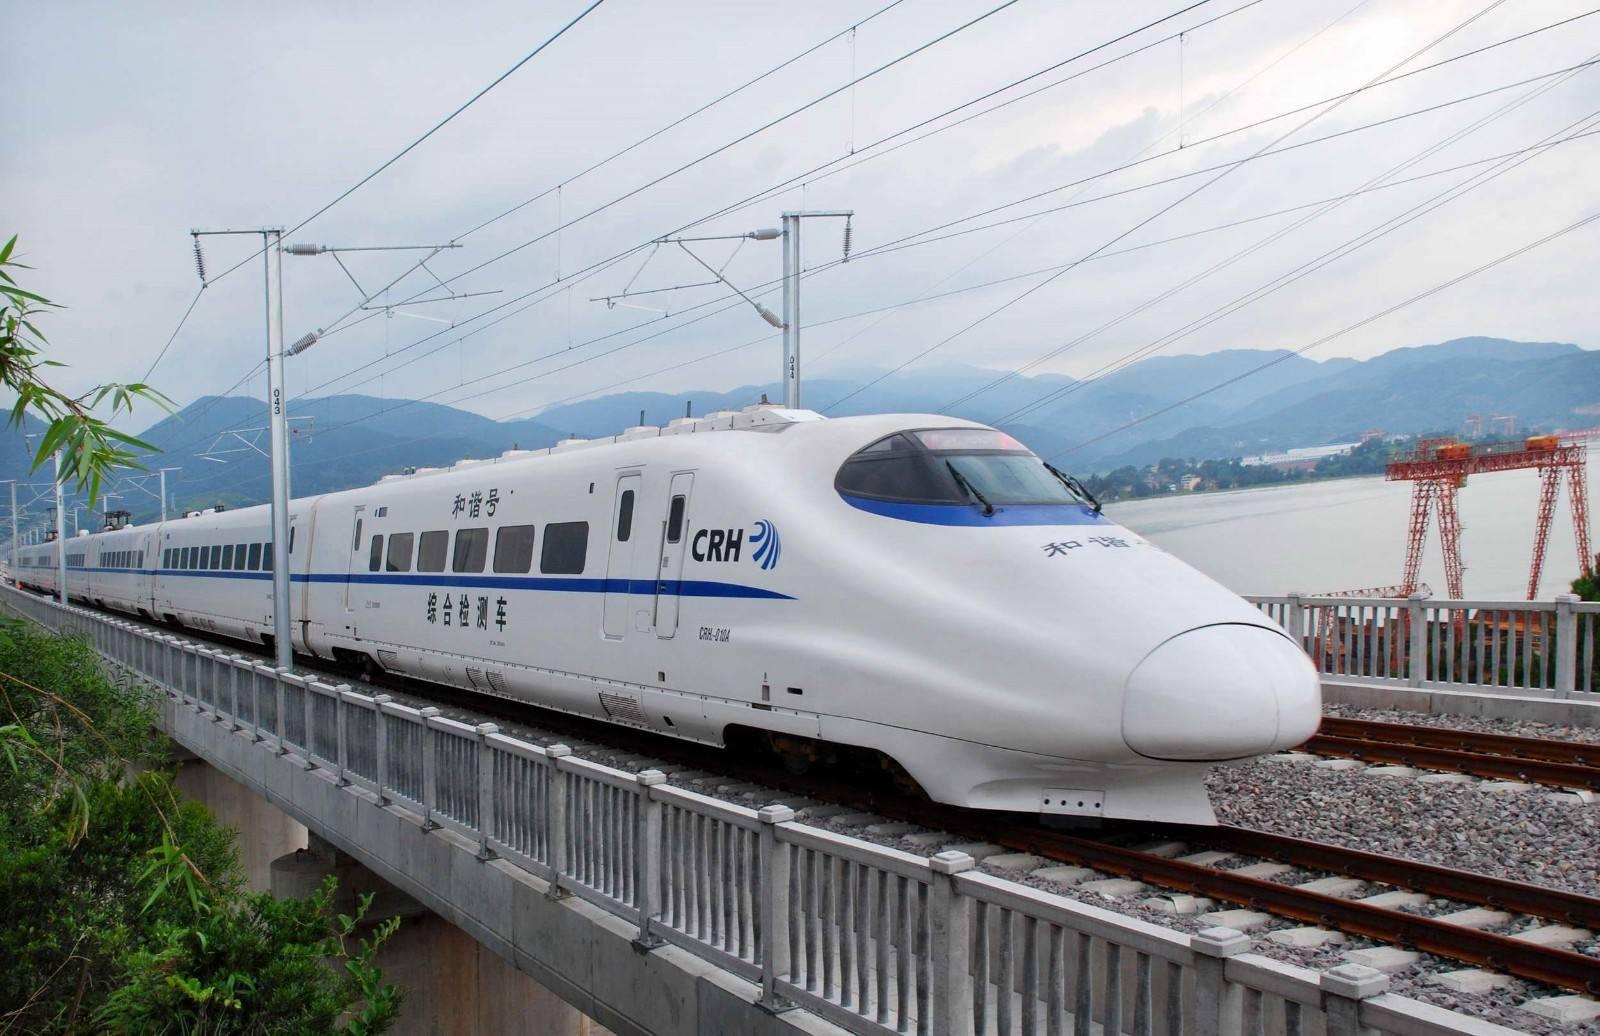 江西将要修建一条高铁,长约120公里,预计2023年底通车